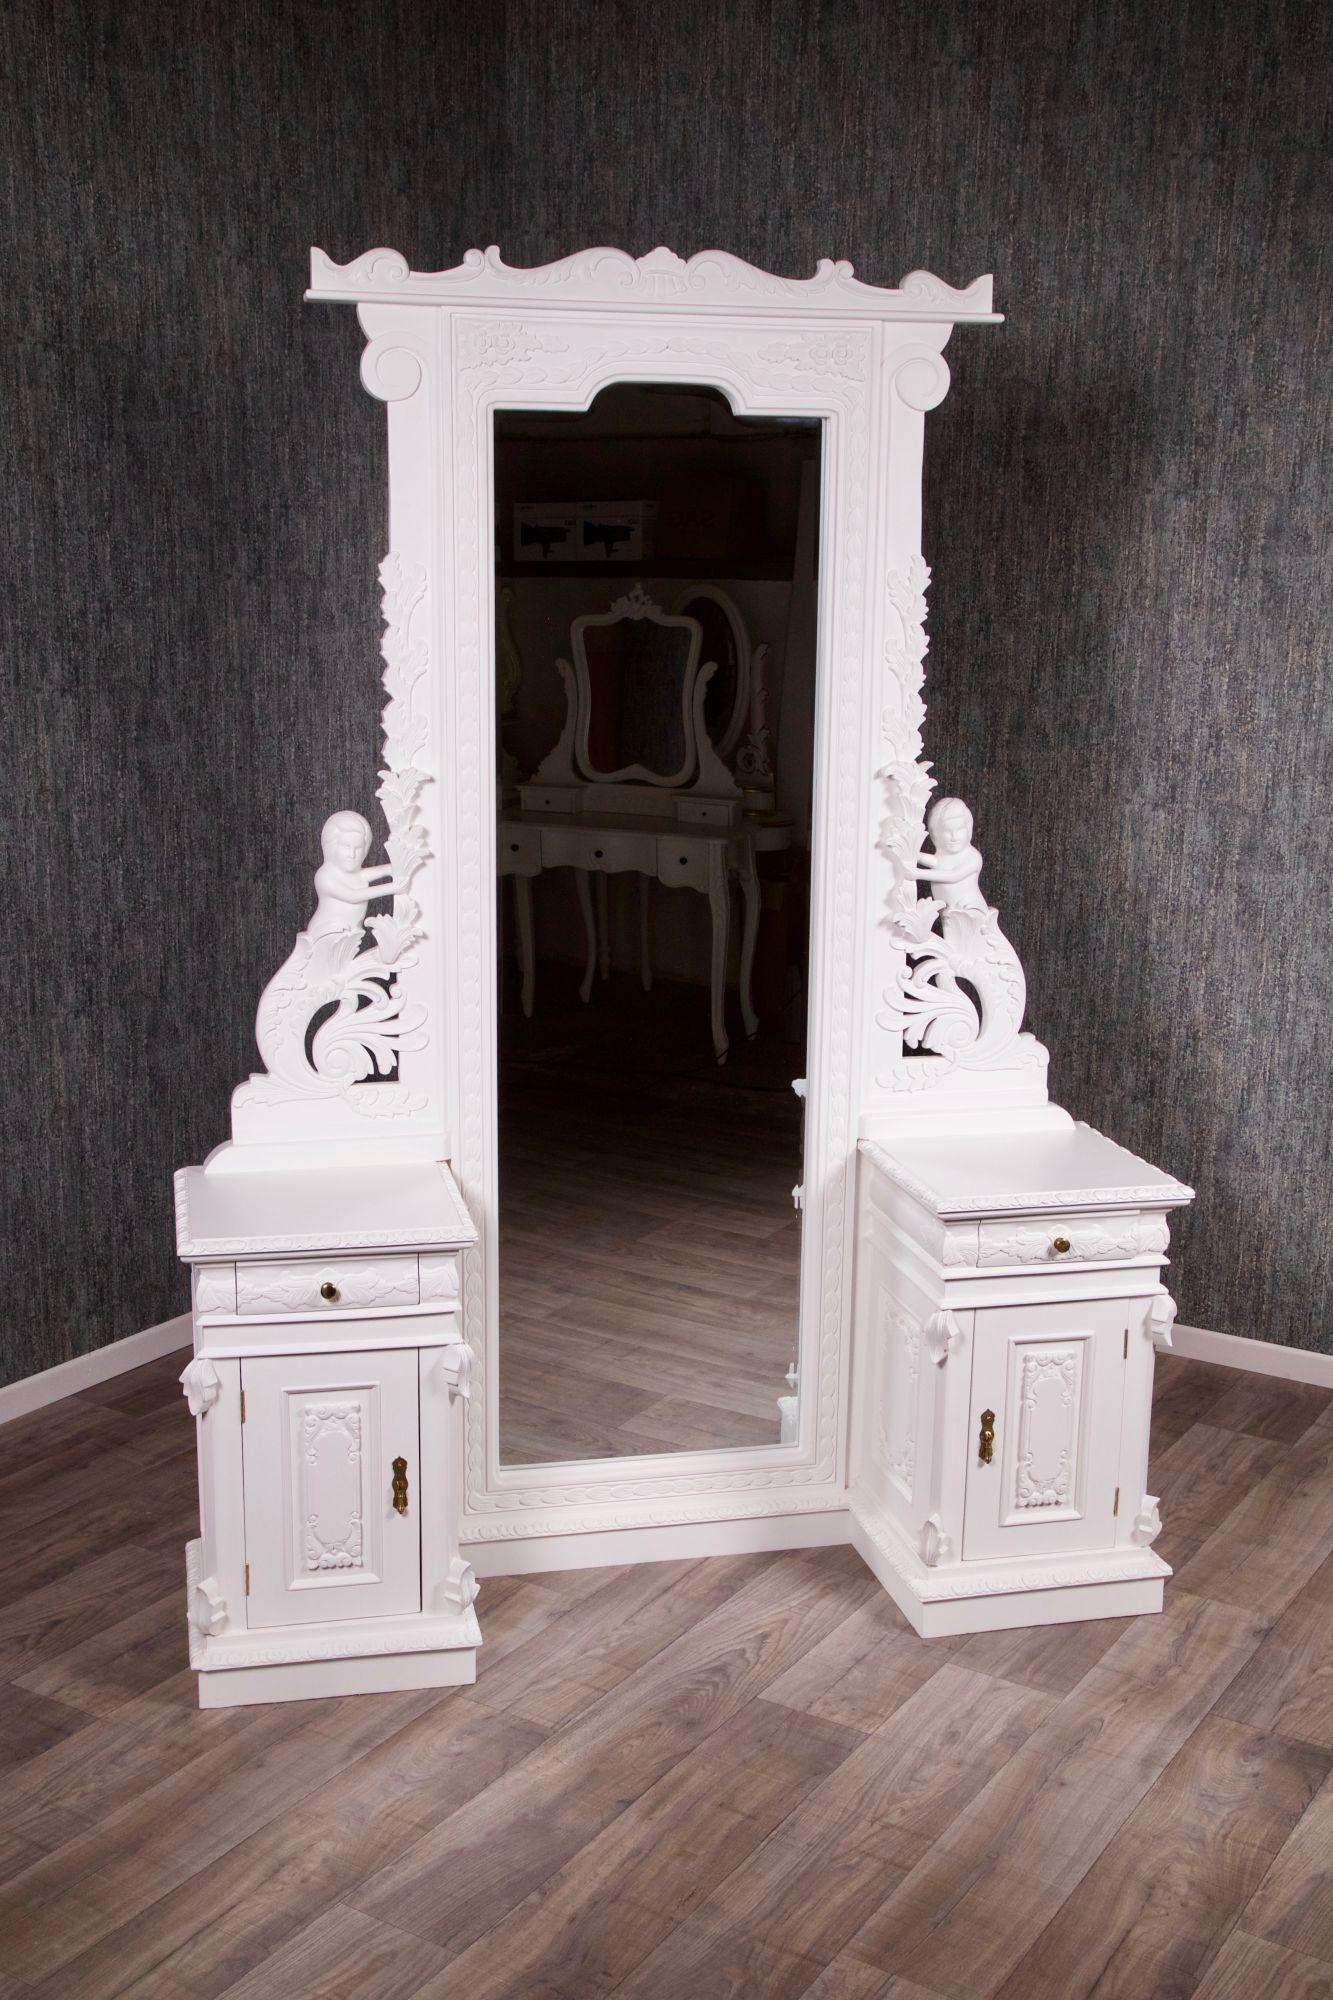 barock spiegel standspiegel ankleidespiegel antik wei schminktische spiegel. Black Bedroom Furniture Sets. Home Design Ideas